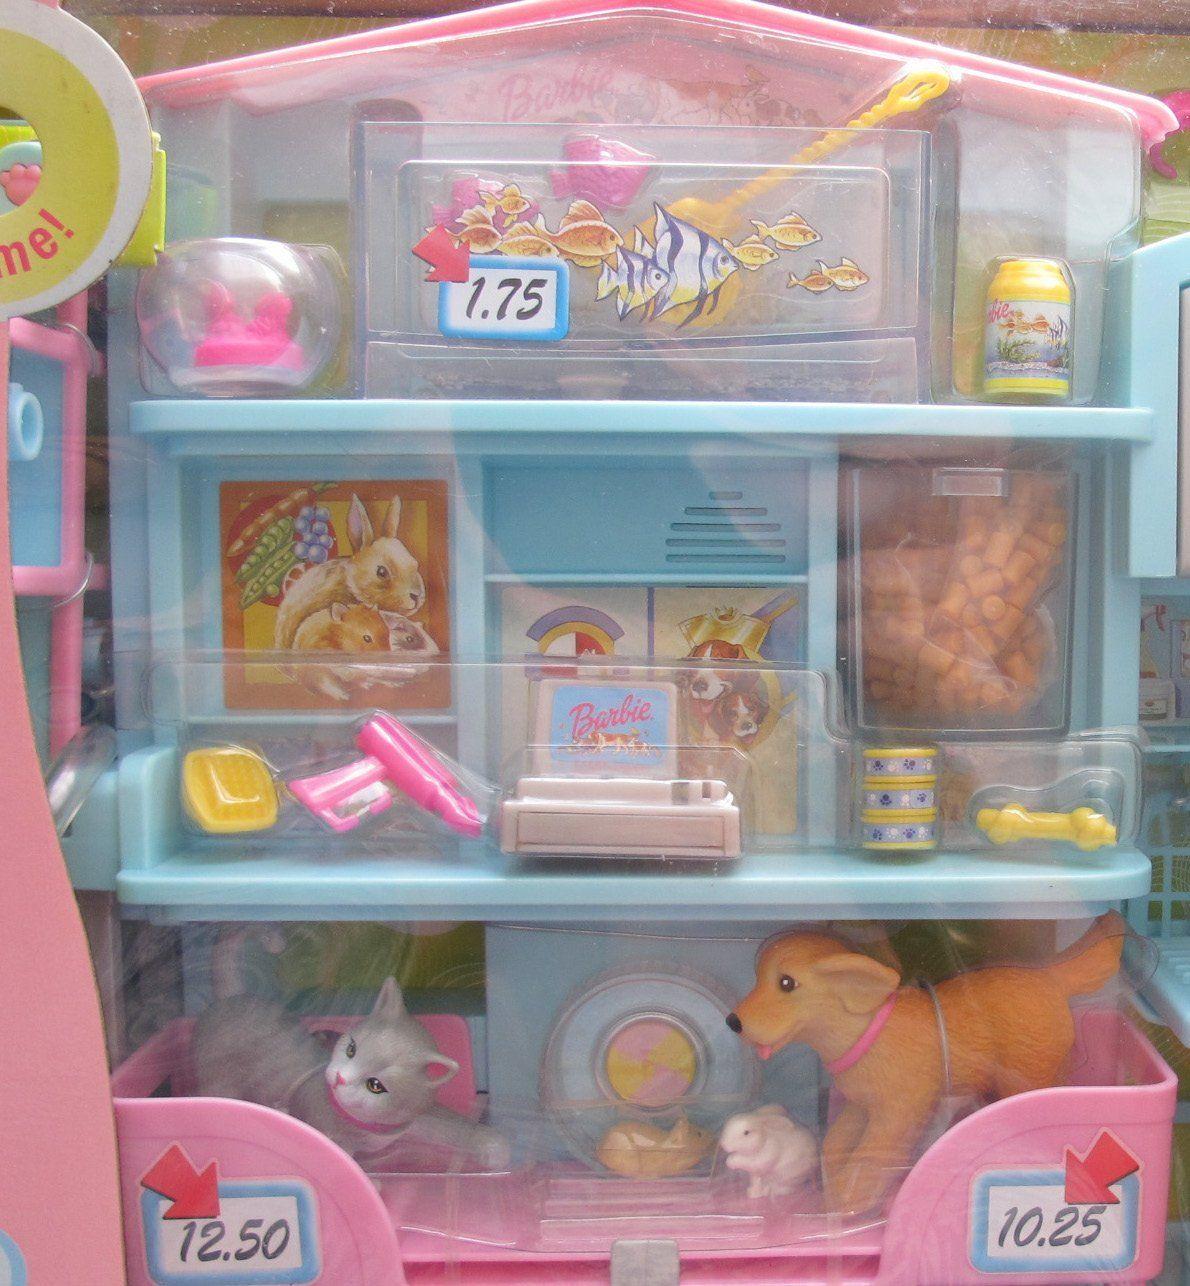 Amazon Com Barbie Sweet Sounds Pet Shop Playset W Working Bath Pet Sounds More 2002 Toys Games Pet Sounds Pet Shop Childhood Toys